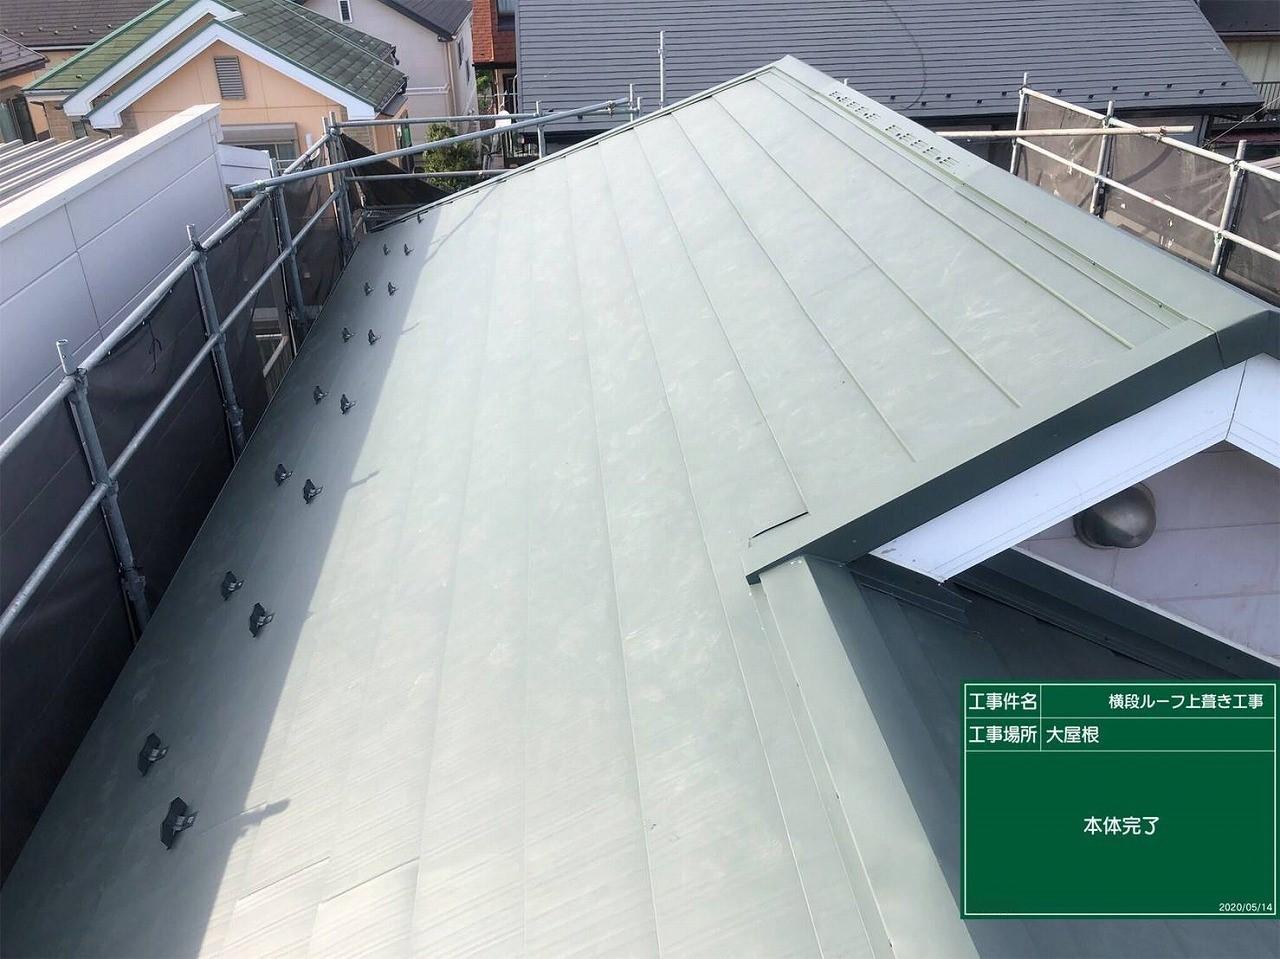 屋根工事施工写真 (35)HP